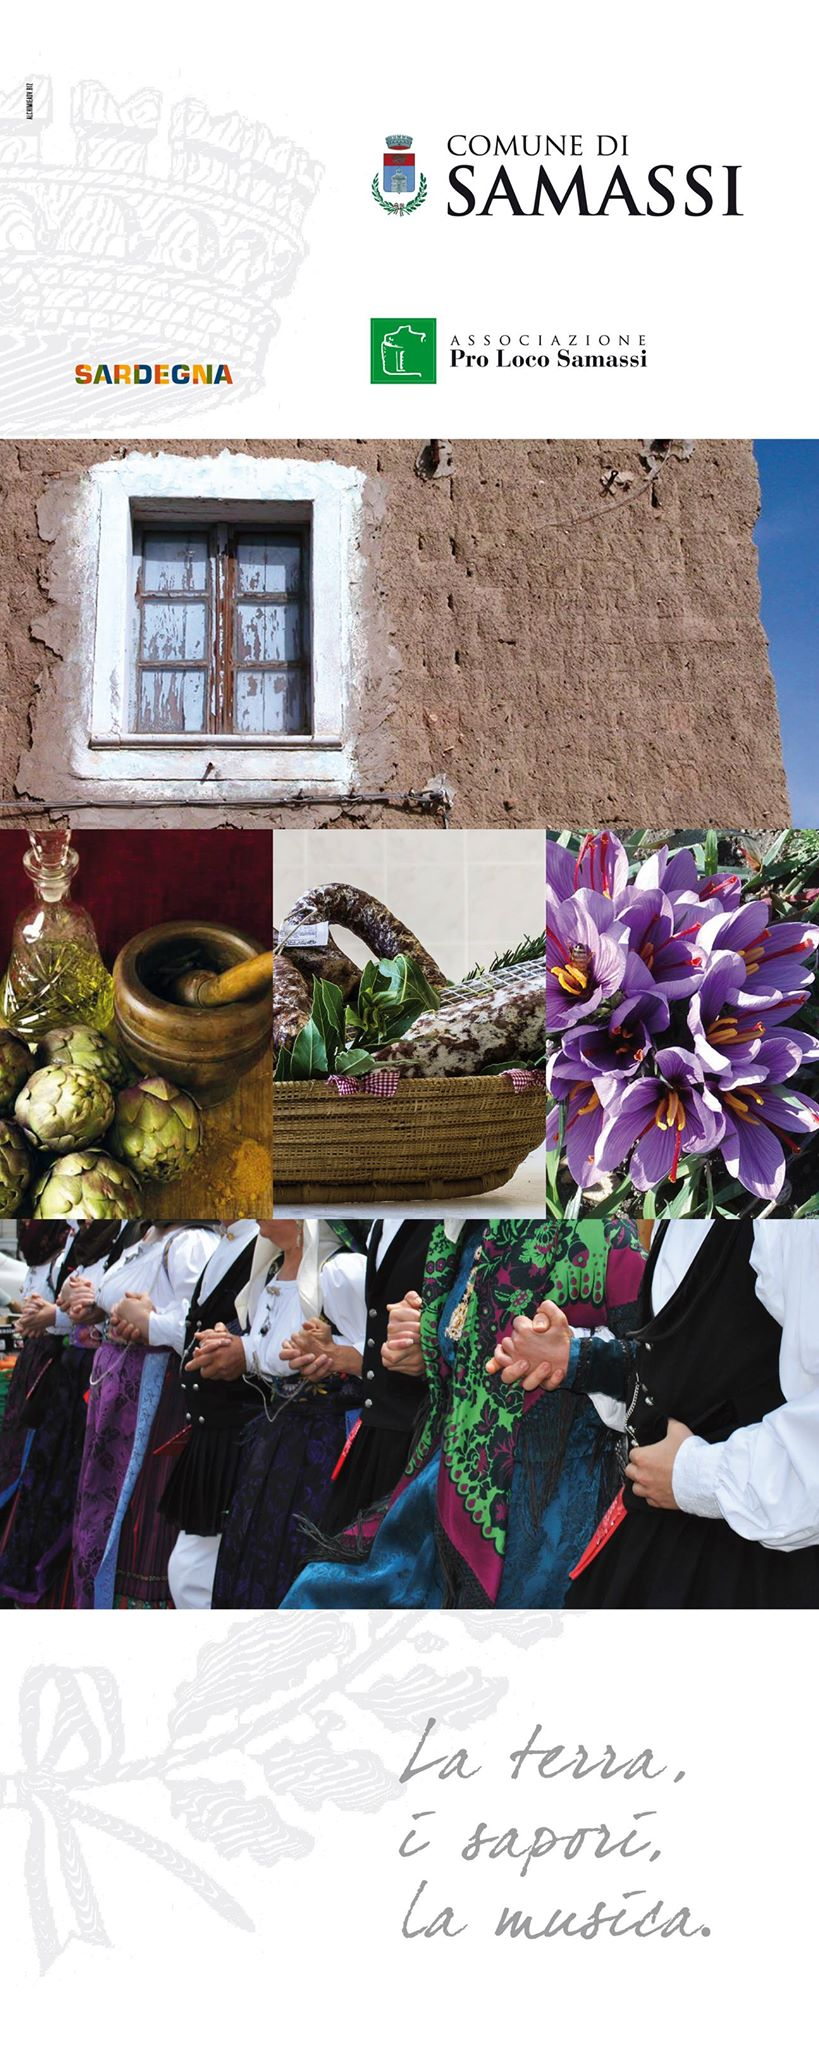 21 22 marzo programma eventi organizzati da Laore a Samassi per la Sagra del Carciofo